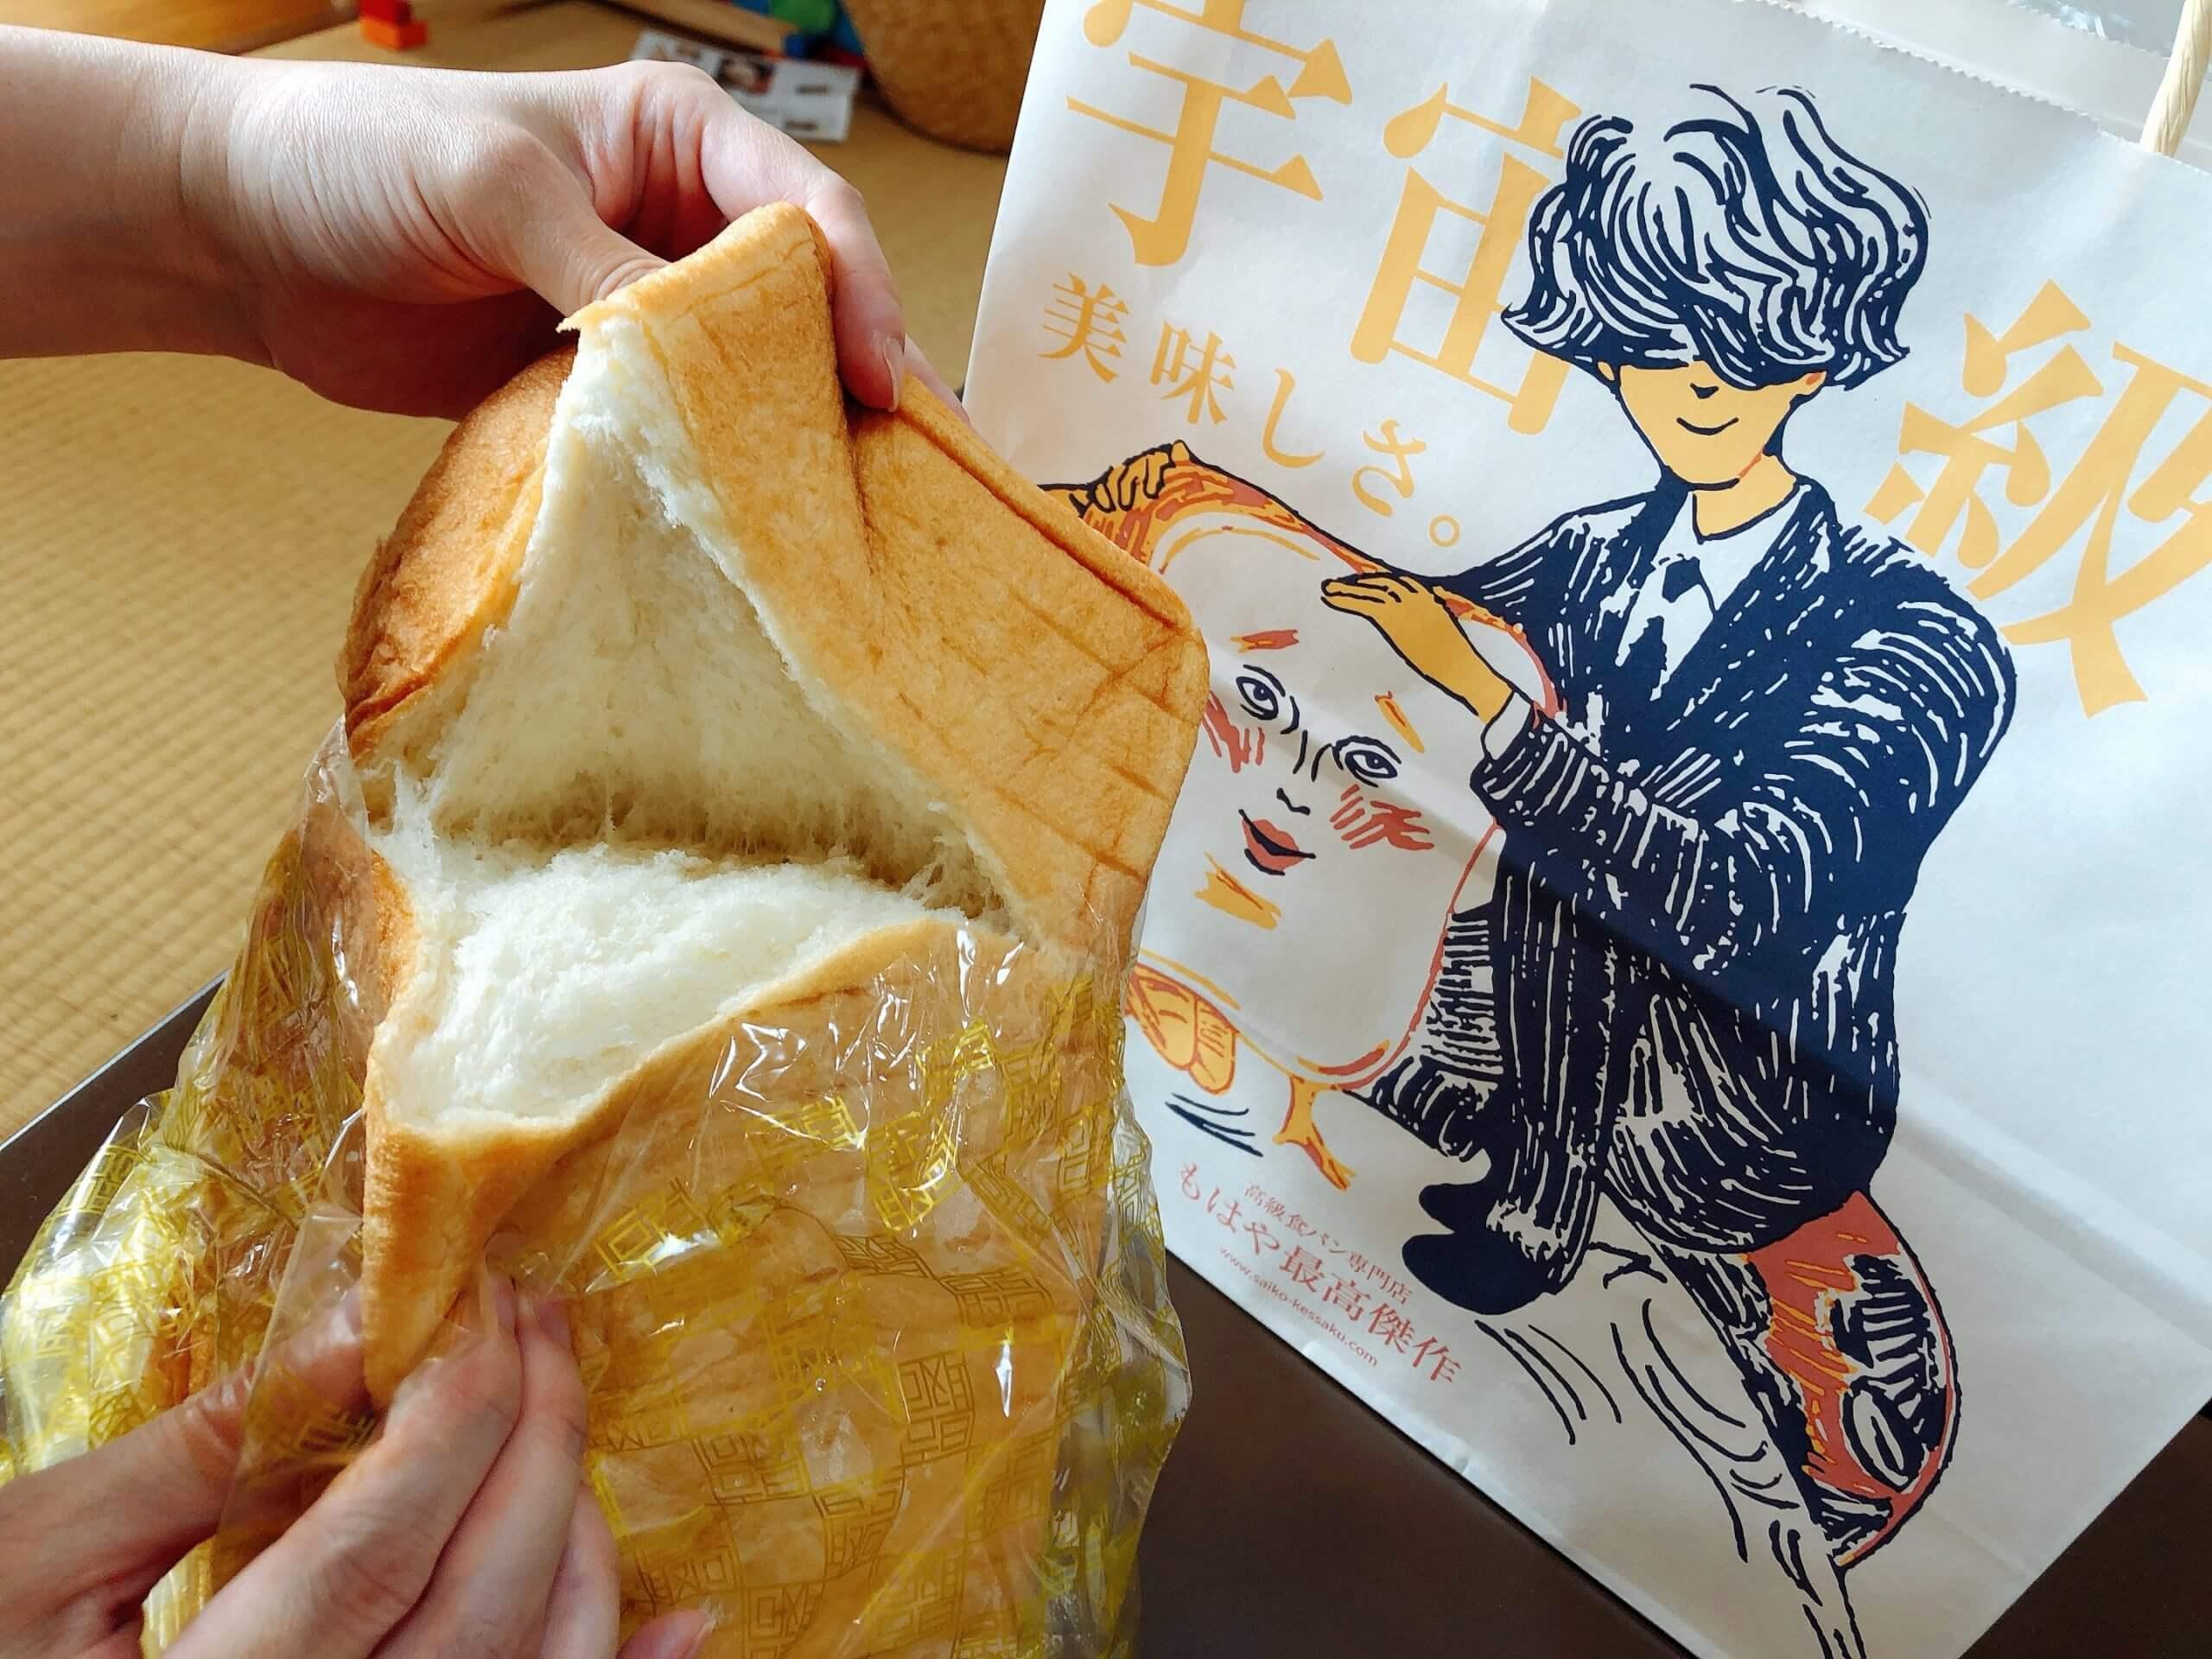 【もはや最高傑作】しっとり感と甘みが感じられる高級食パン!駐車場が遠くても行く価値あり!《熊本市東区健軍》